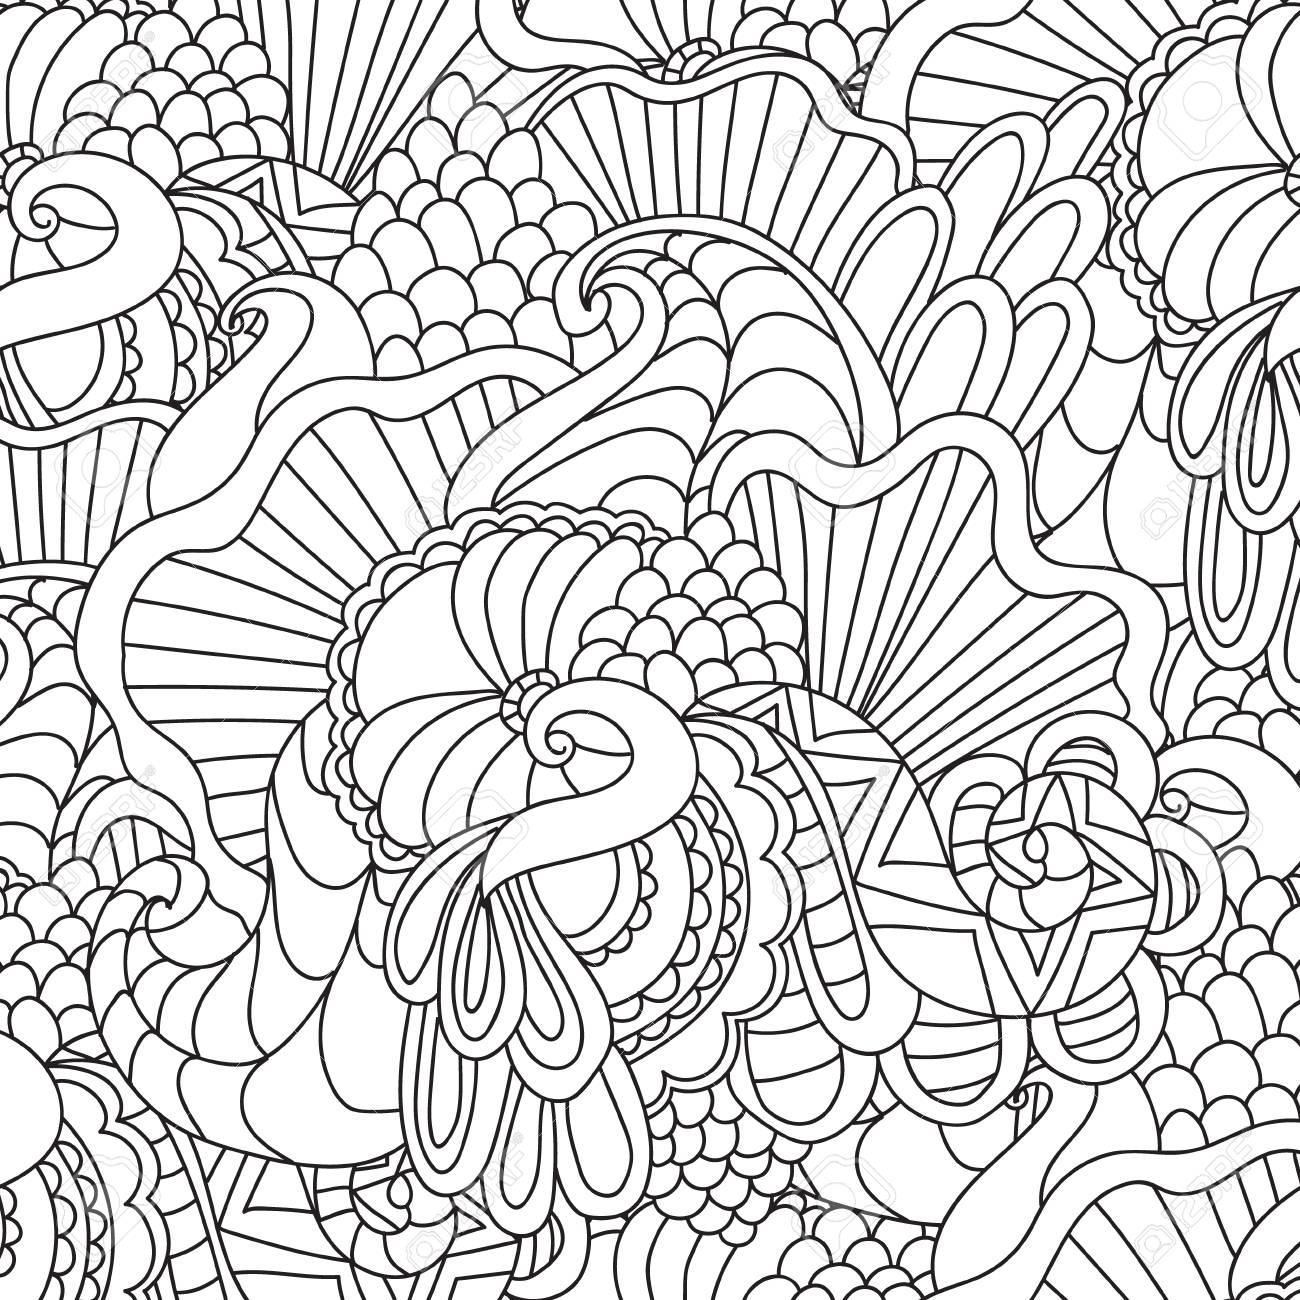 Excelente Colorear Páginas Para Adultos Colección de Imágenes ...